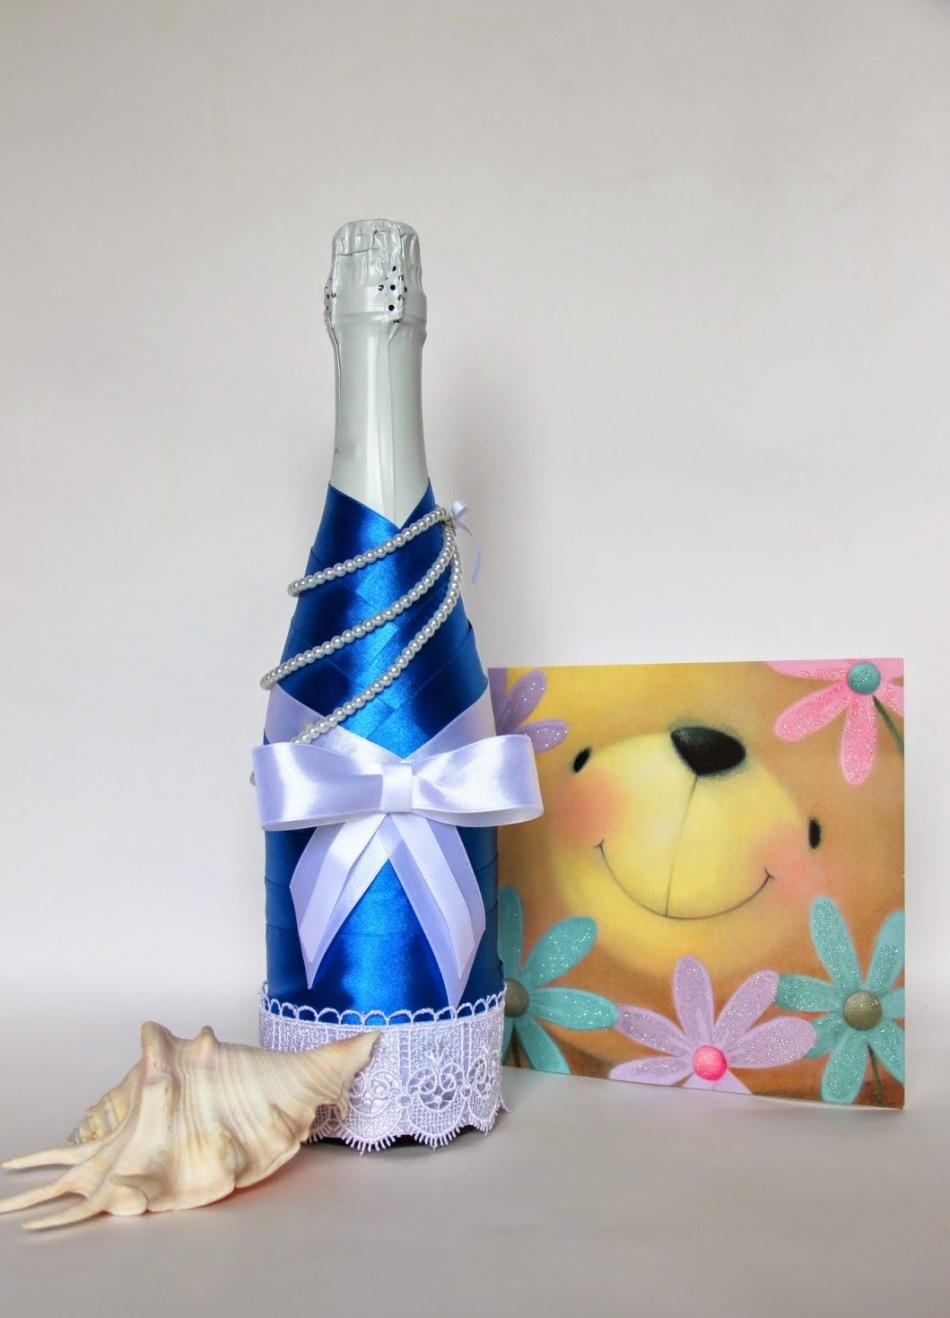 Декупаж бутылок своими руками: свадебных, на день Рождения, Новый год. Как сделать декупаж свадебных бутылок шампанского и бокал